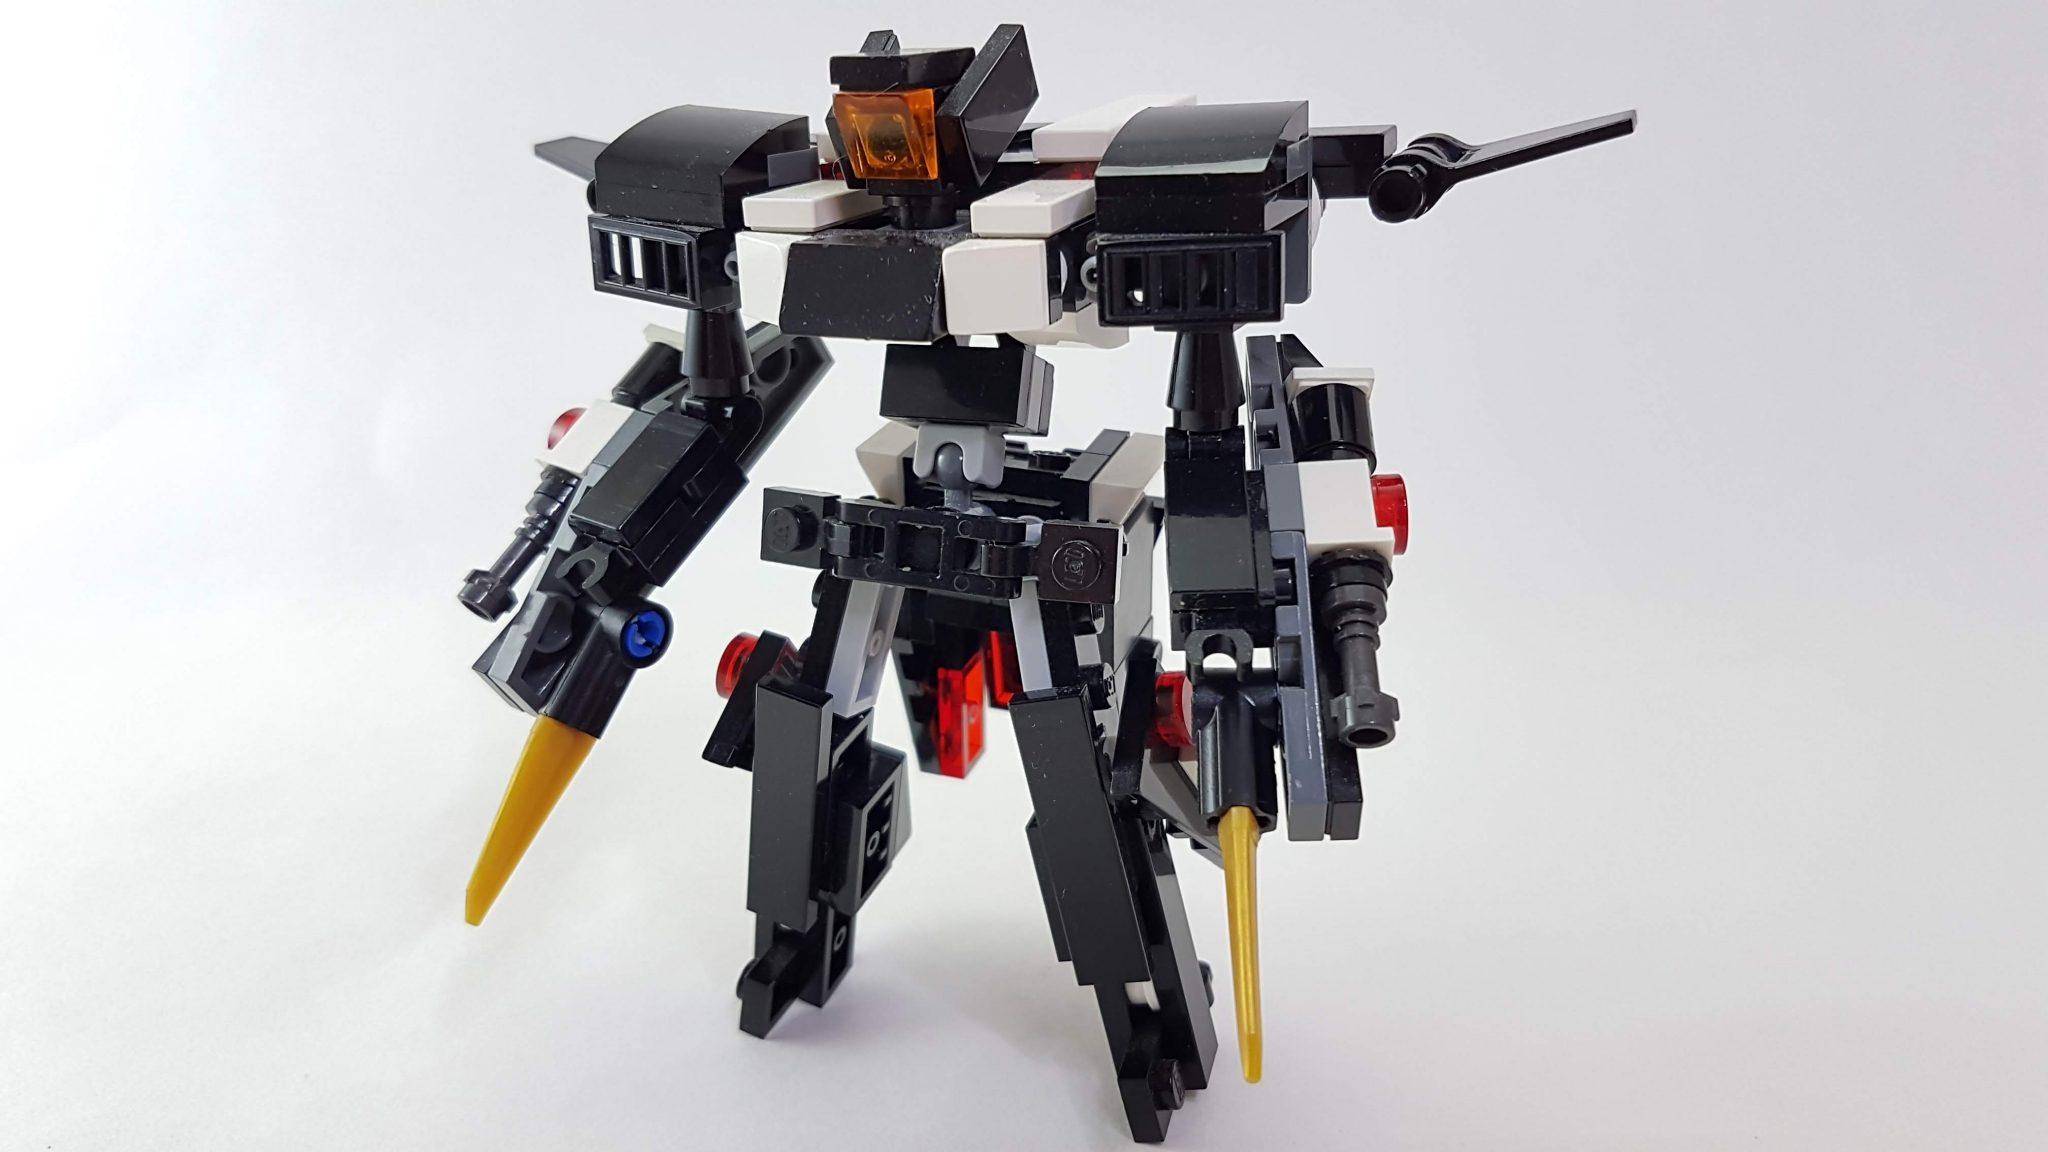 Lego Custom Based of the Overflag and 00 Gundam